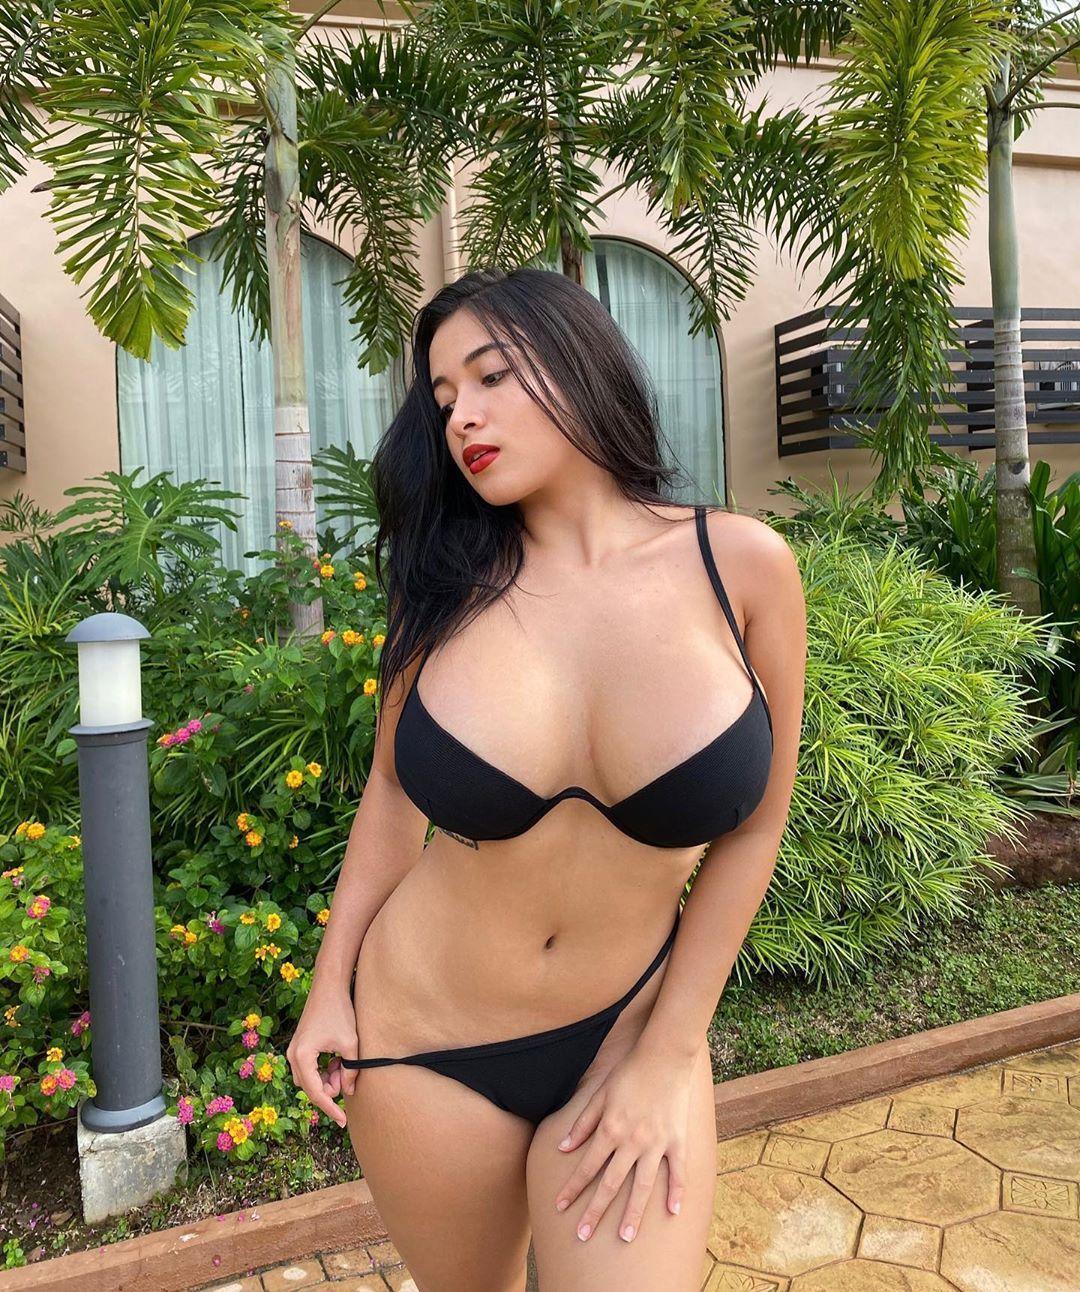 图片[5]-lu福利亚洲乳神菲律宾混血儿美女的魔鬼身材美女图片-福利巴士